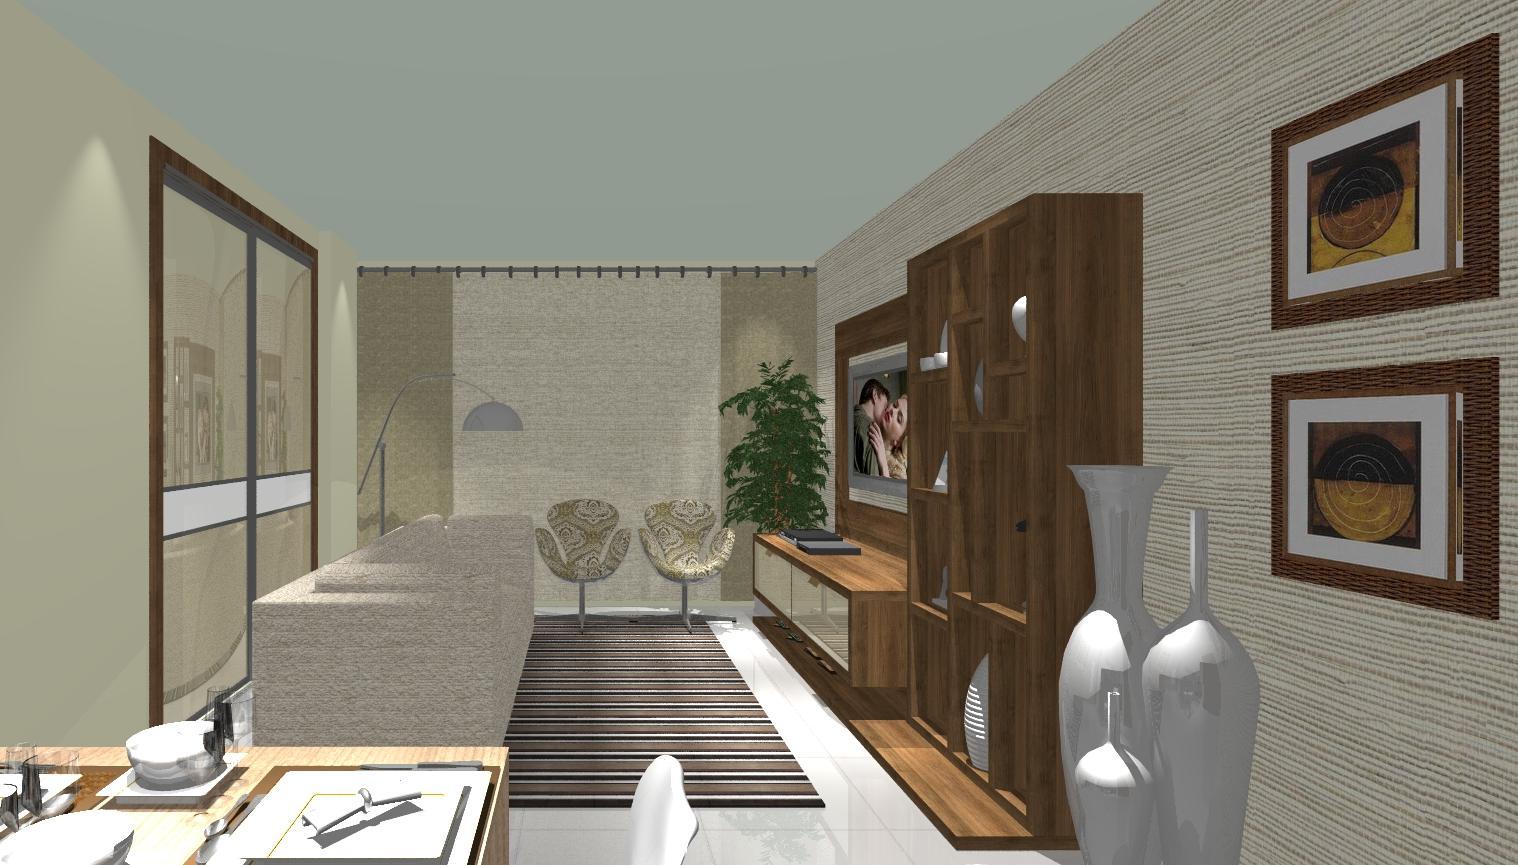 #8C653F Esta sala foi integrada com a cozinha 1518x865 px Melhoria Home Da Cozinha_10 Imagens